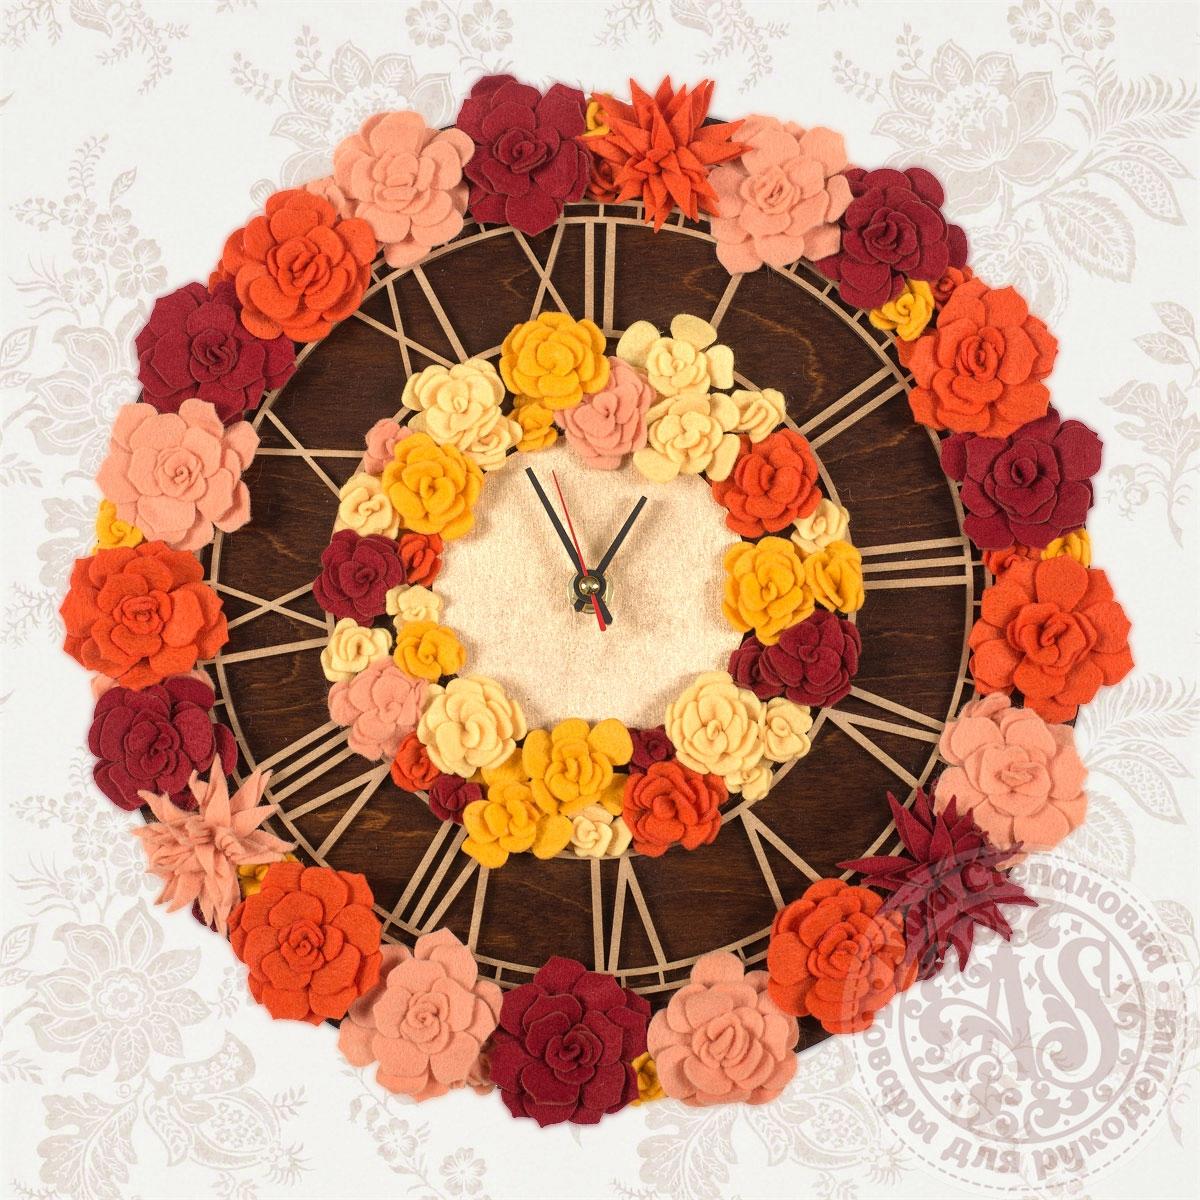 Набор для создания часов «Осеннее танго» Премиум